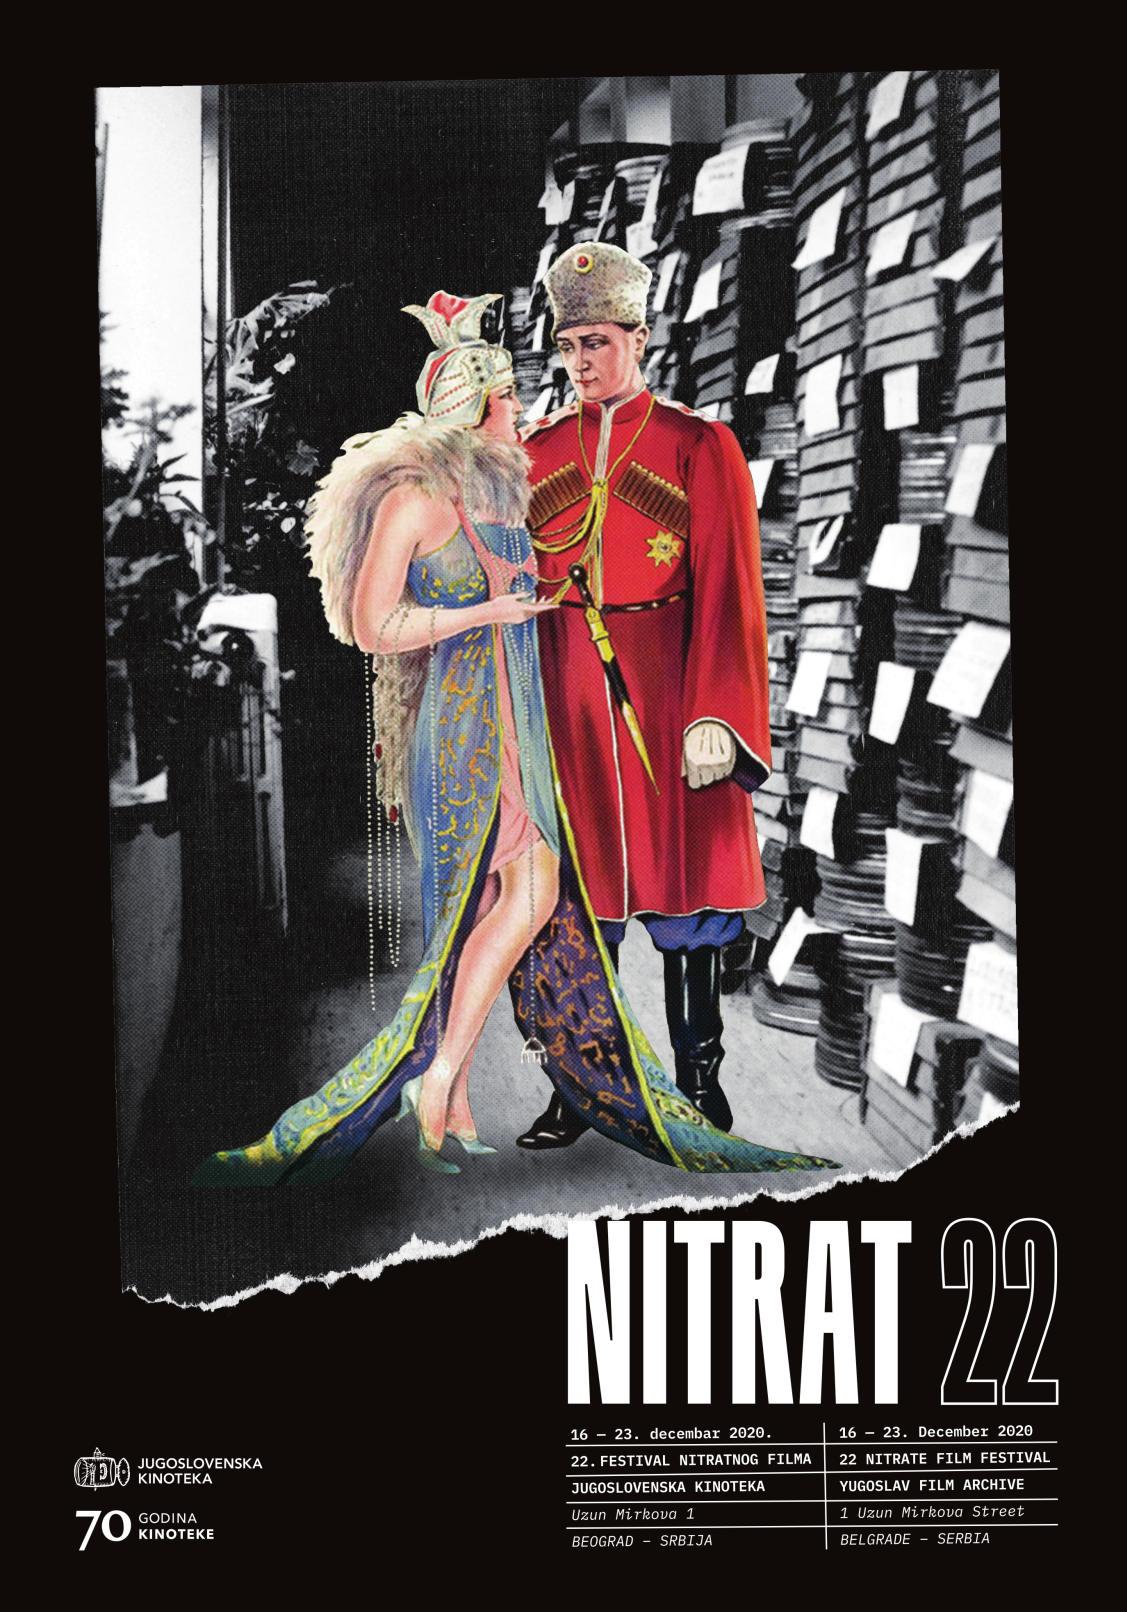 NITRAT 22